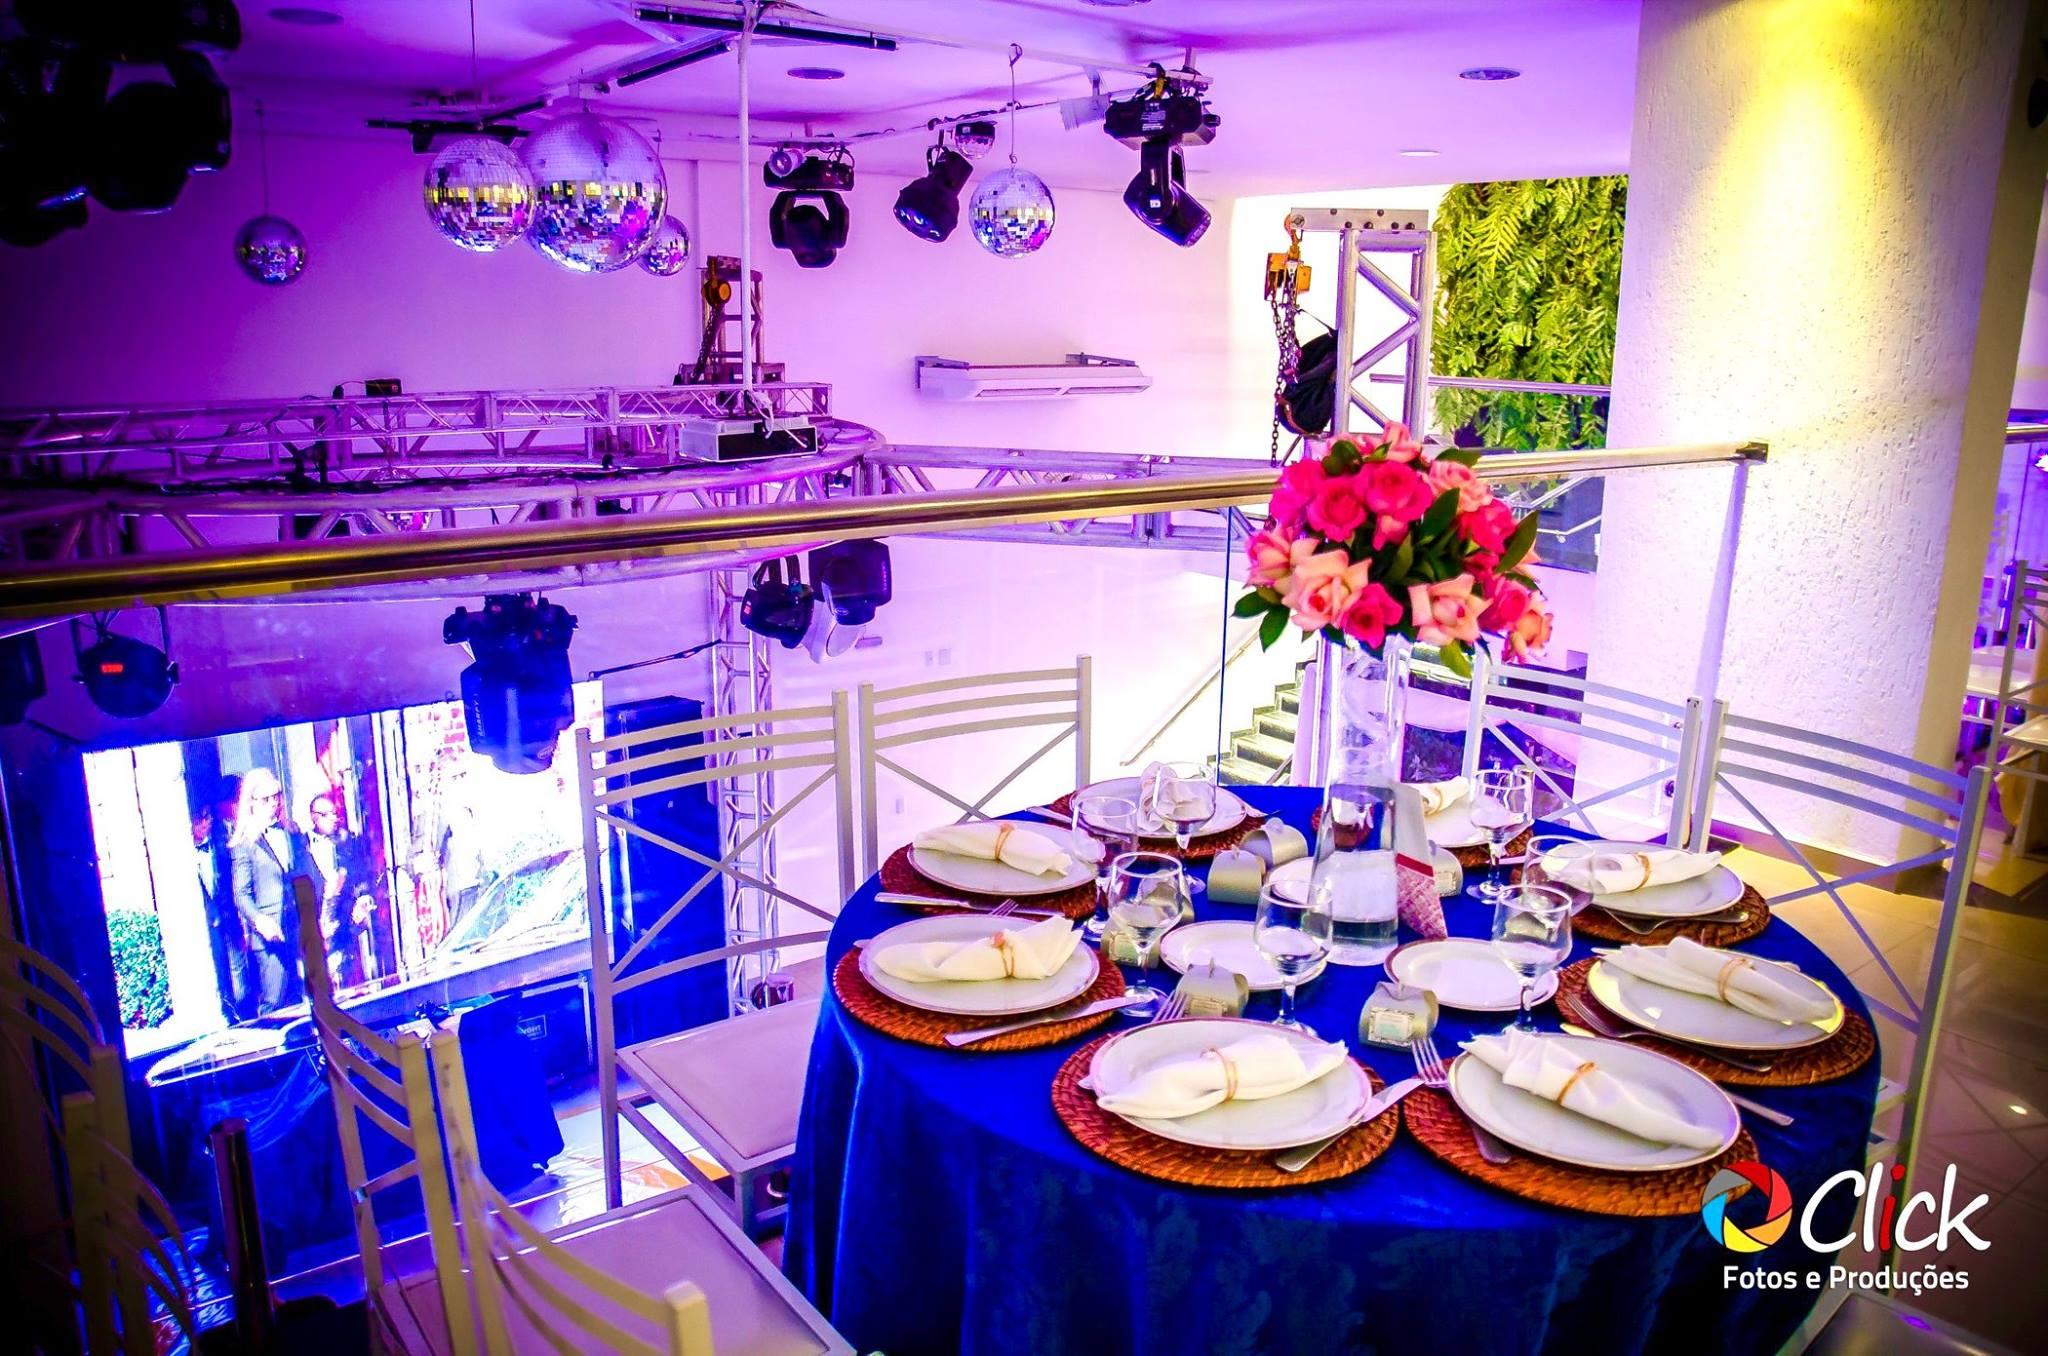 Salão_para_Festas_de_Casamentos_Palazzo_Eventos_-_Sorocaba_19